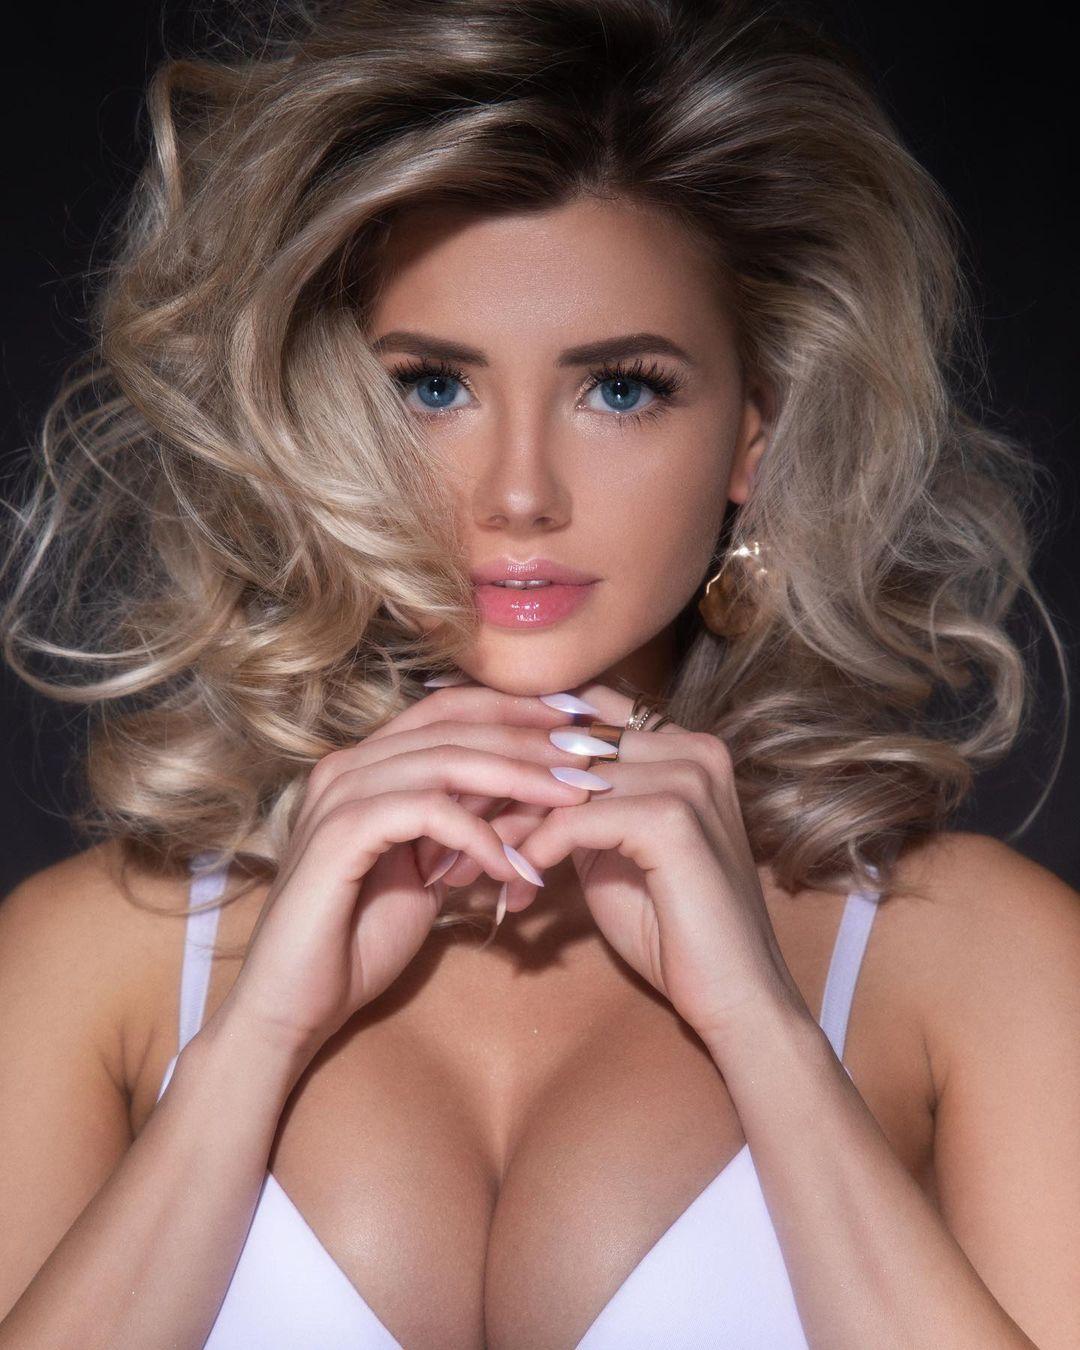 Social Medias Hottest Model Natalya Krasavina 2021 8